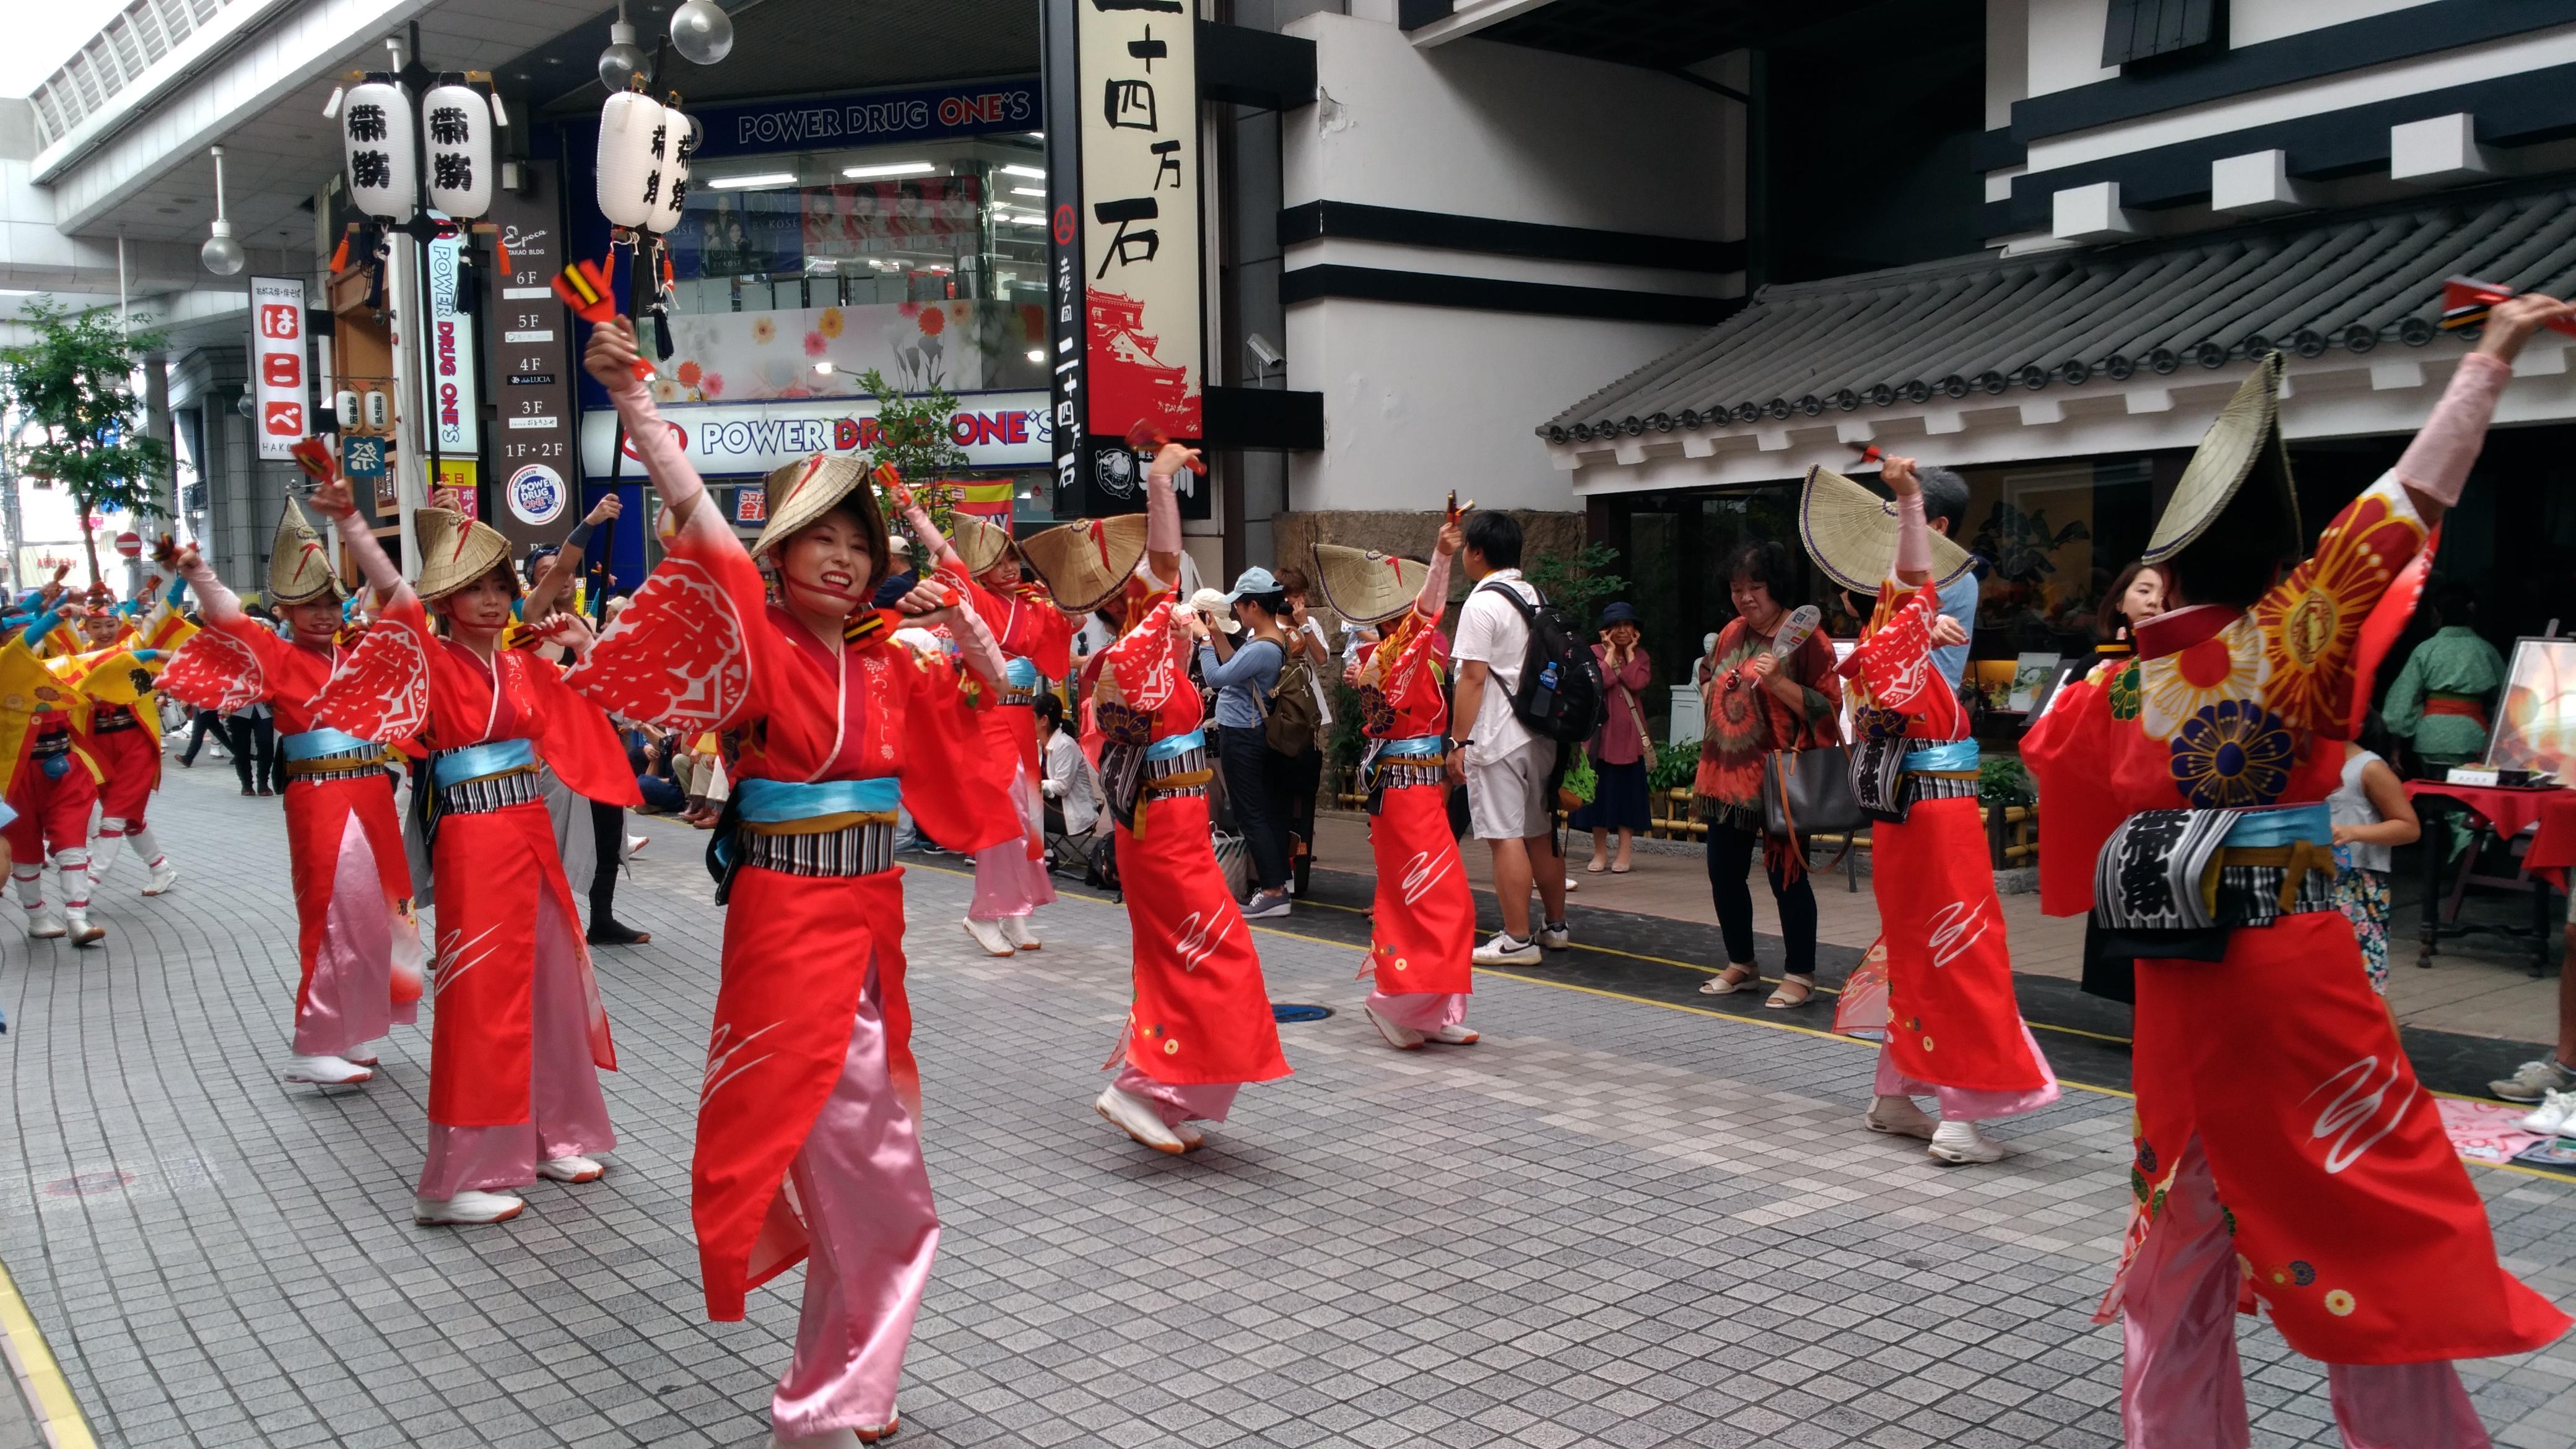 青春18きっぷで行く【四国】西部の旅! -2日目:ホビートレインとよさこい祭りを堪能-